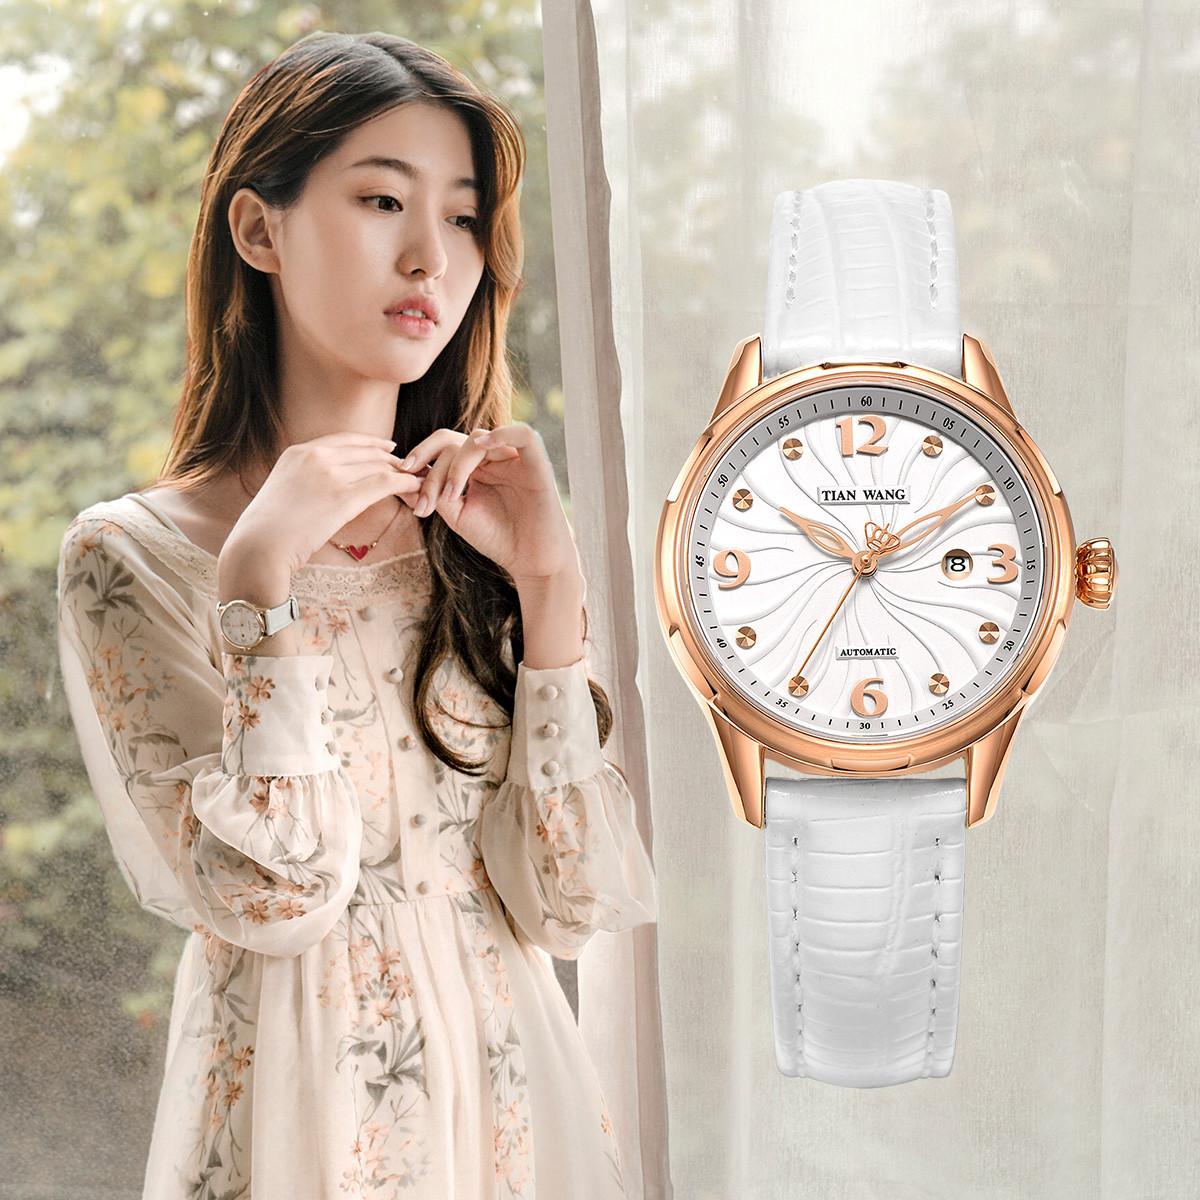 天王天王星辰系列正品日历女表时尚百搭皮带机械女士手表LS65831P/D白